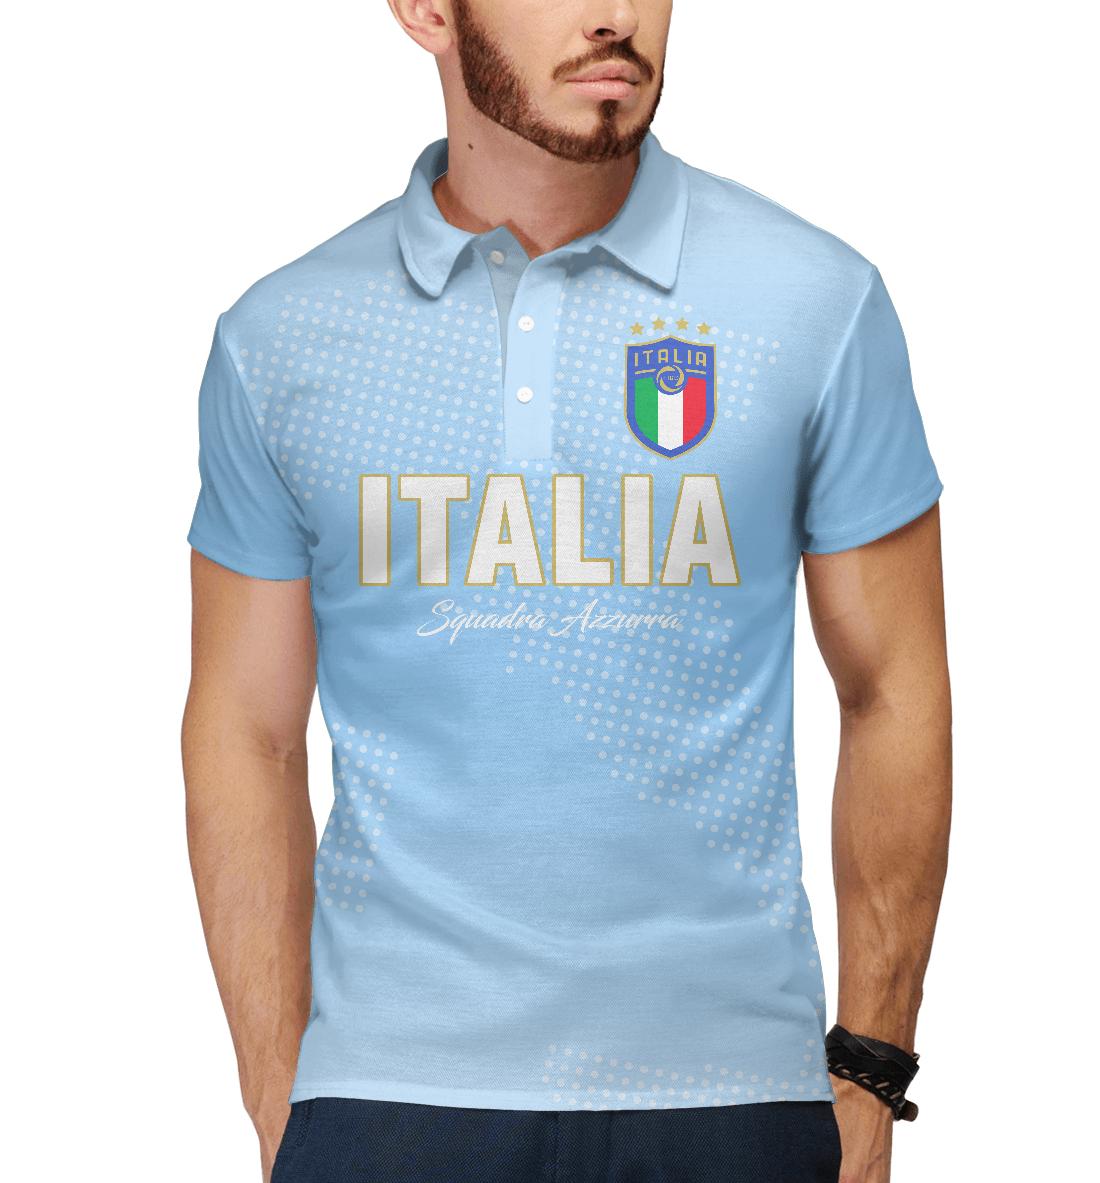 Купить Италия, Printbar, Поло, FNS-239584-pol-2